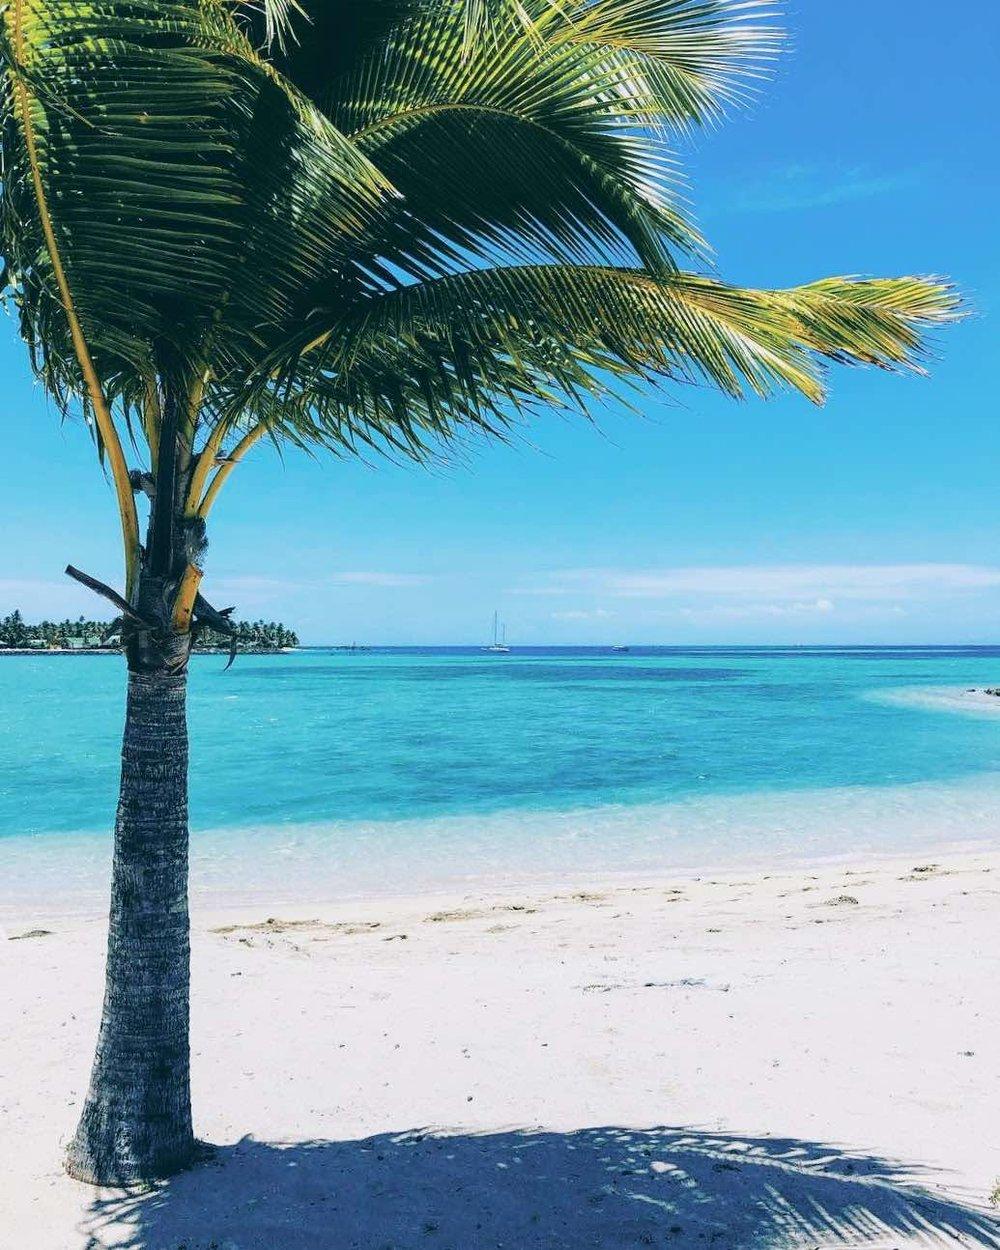 Beach at Malolo Lailai Island in the Fiji archipelago